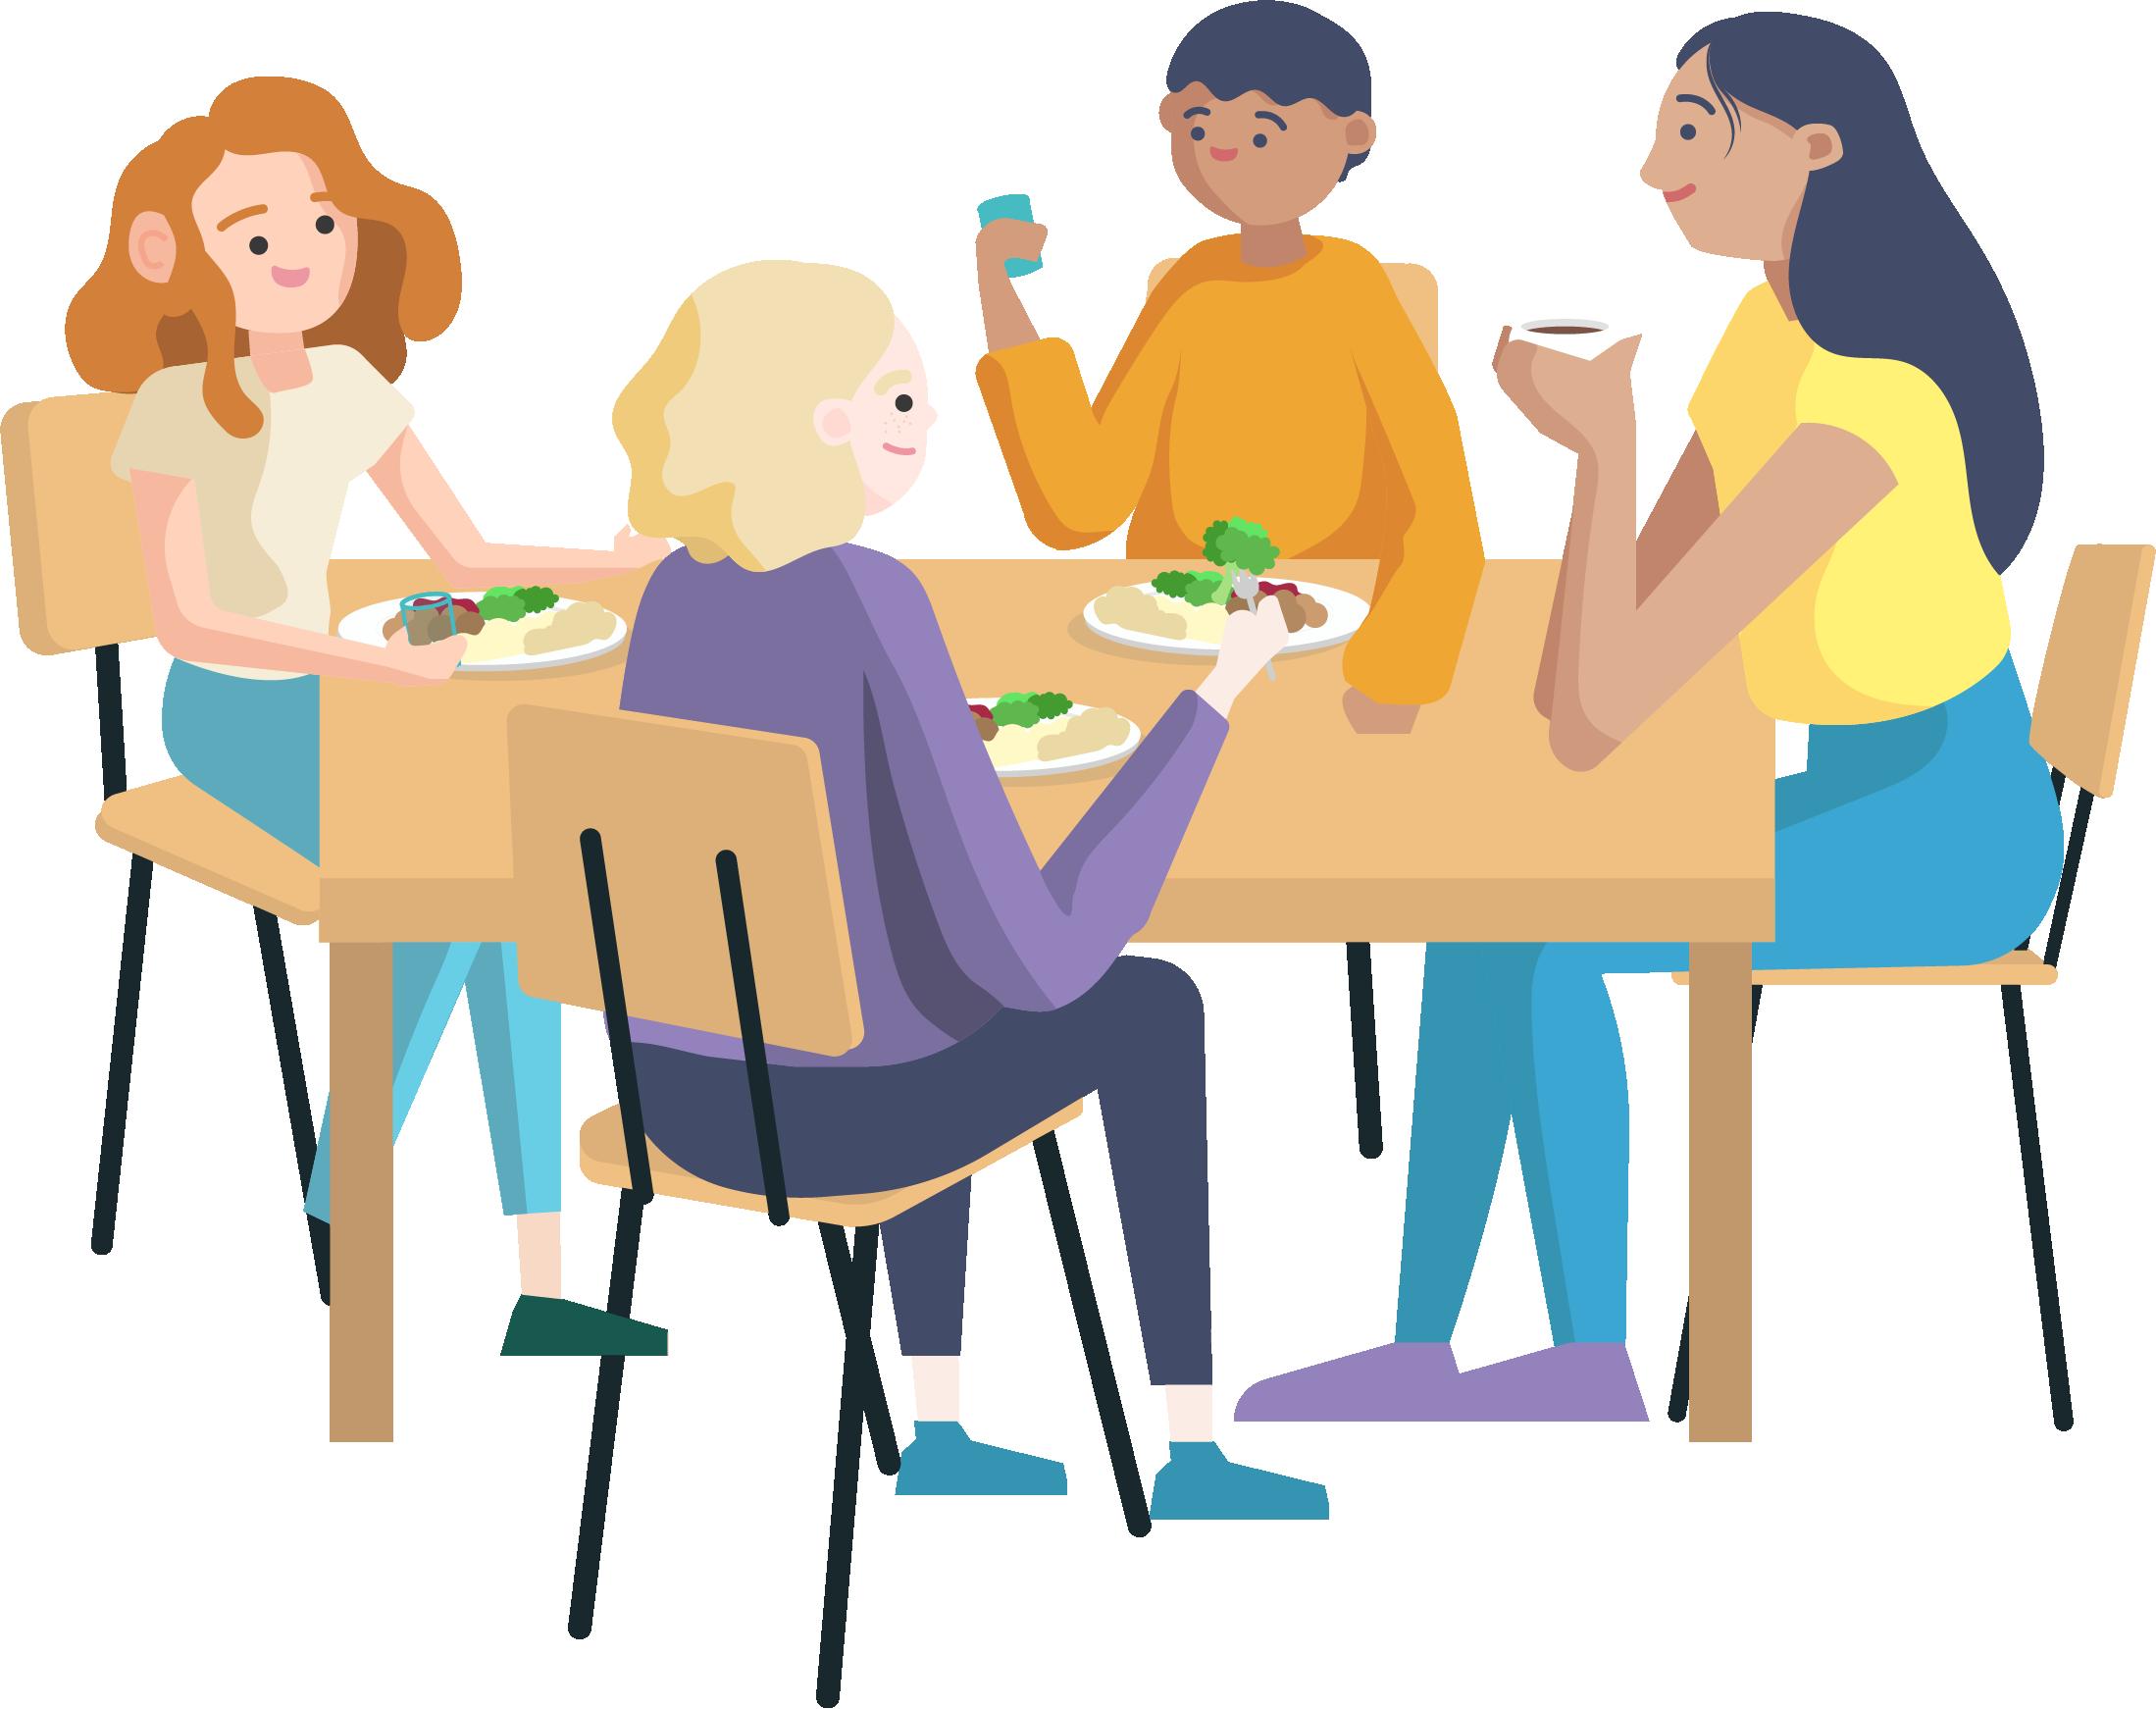 Tecknad bild fyra personer som sitter runt ett bord